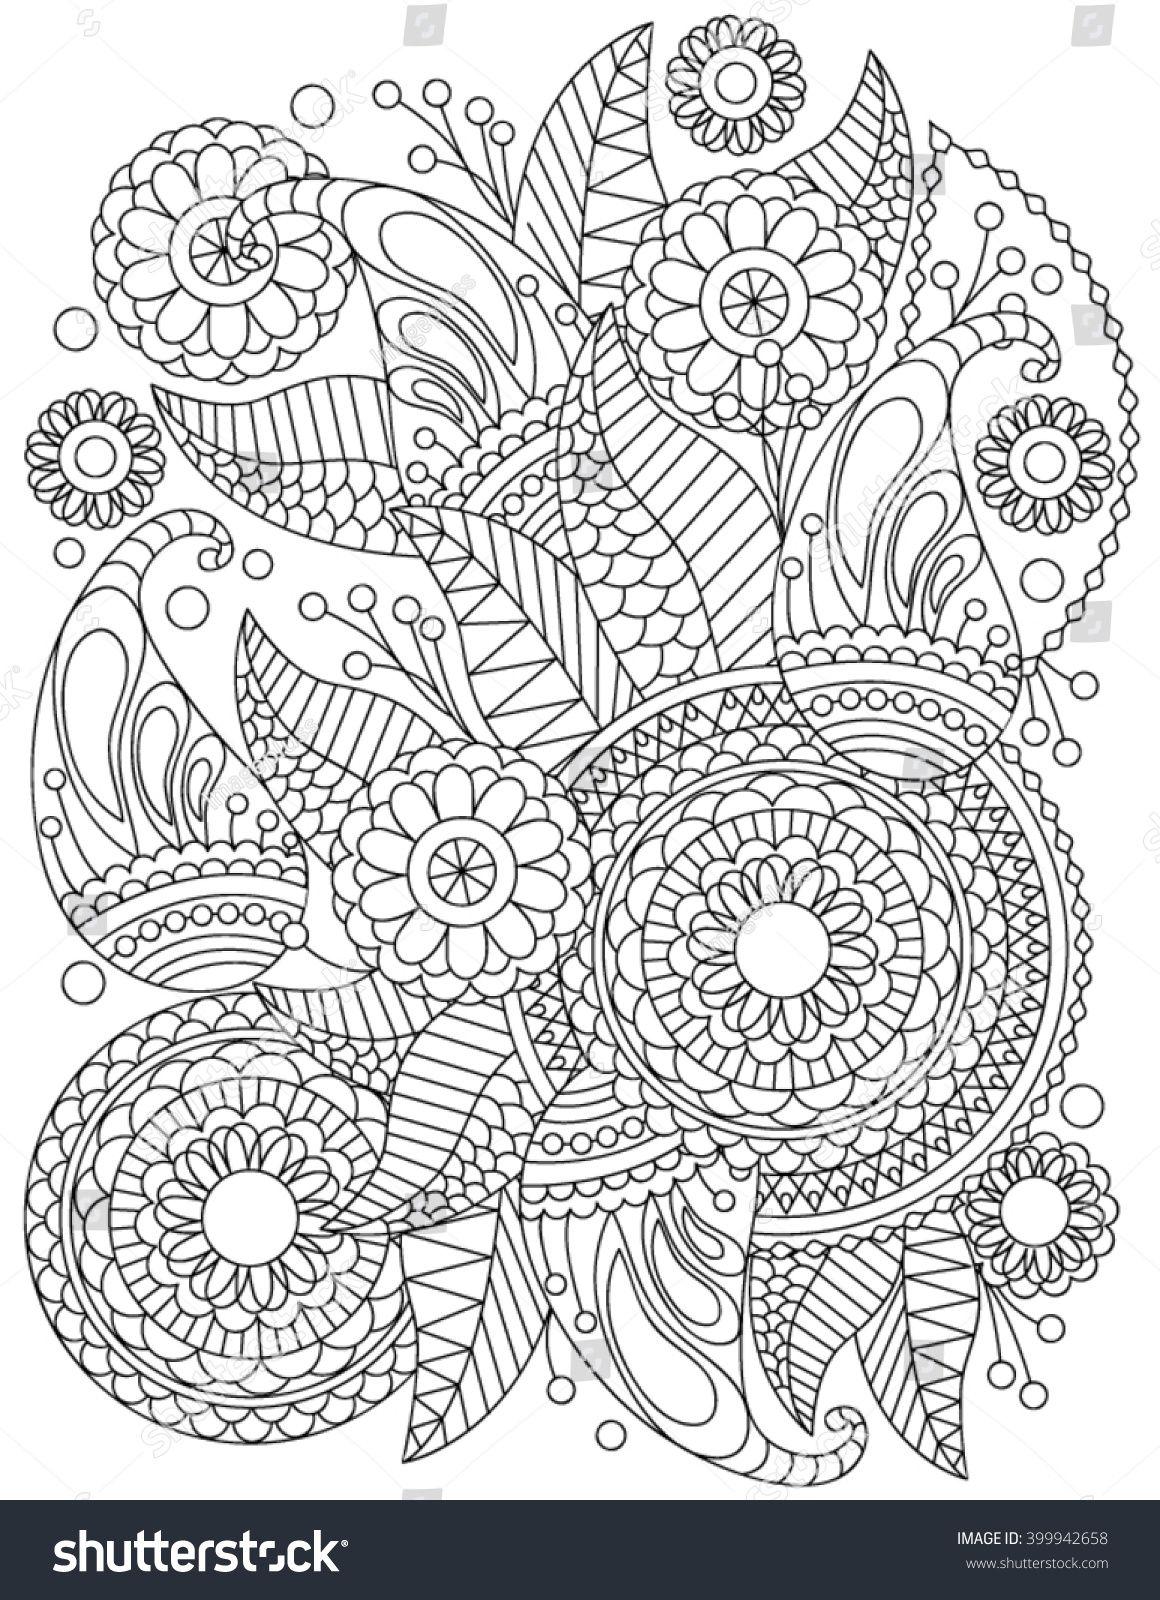 hand drawn henna abstract mandala